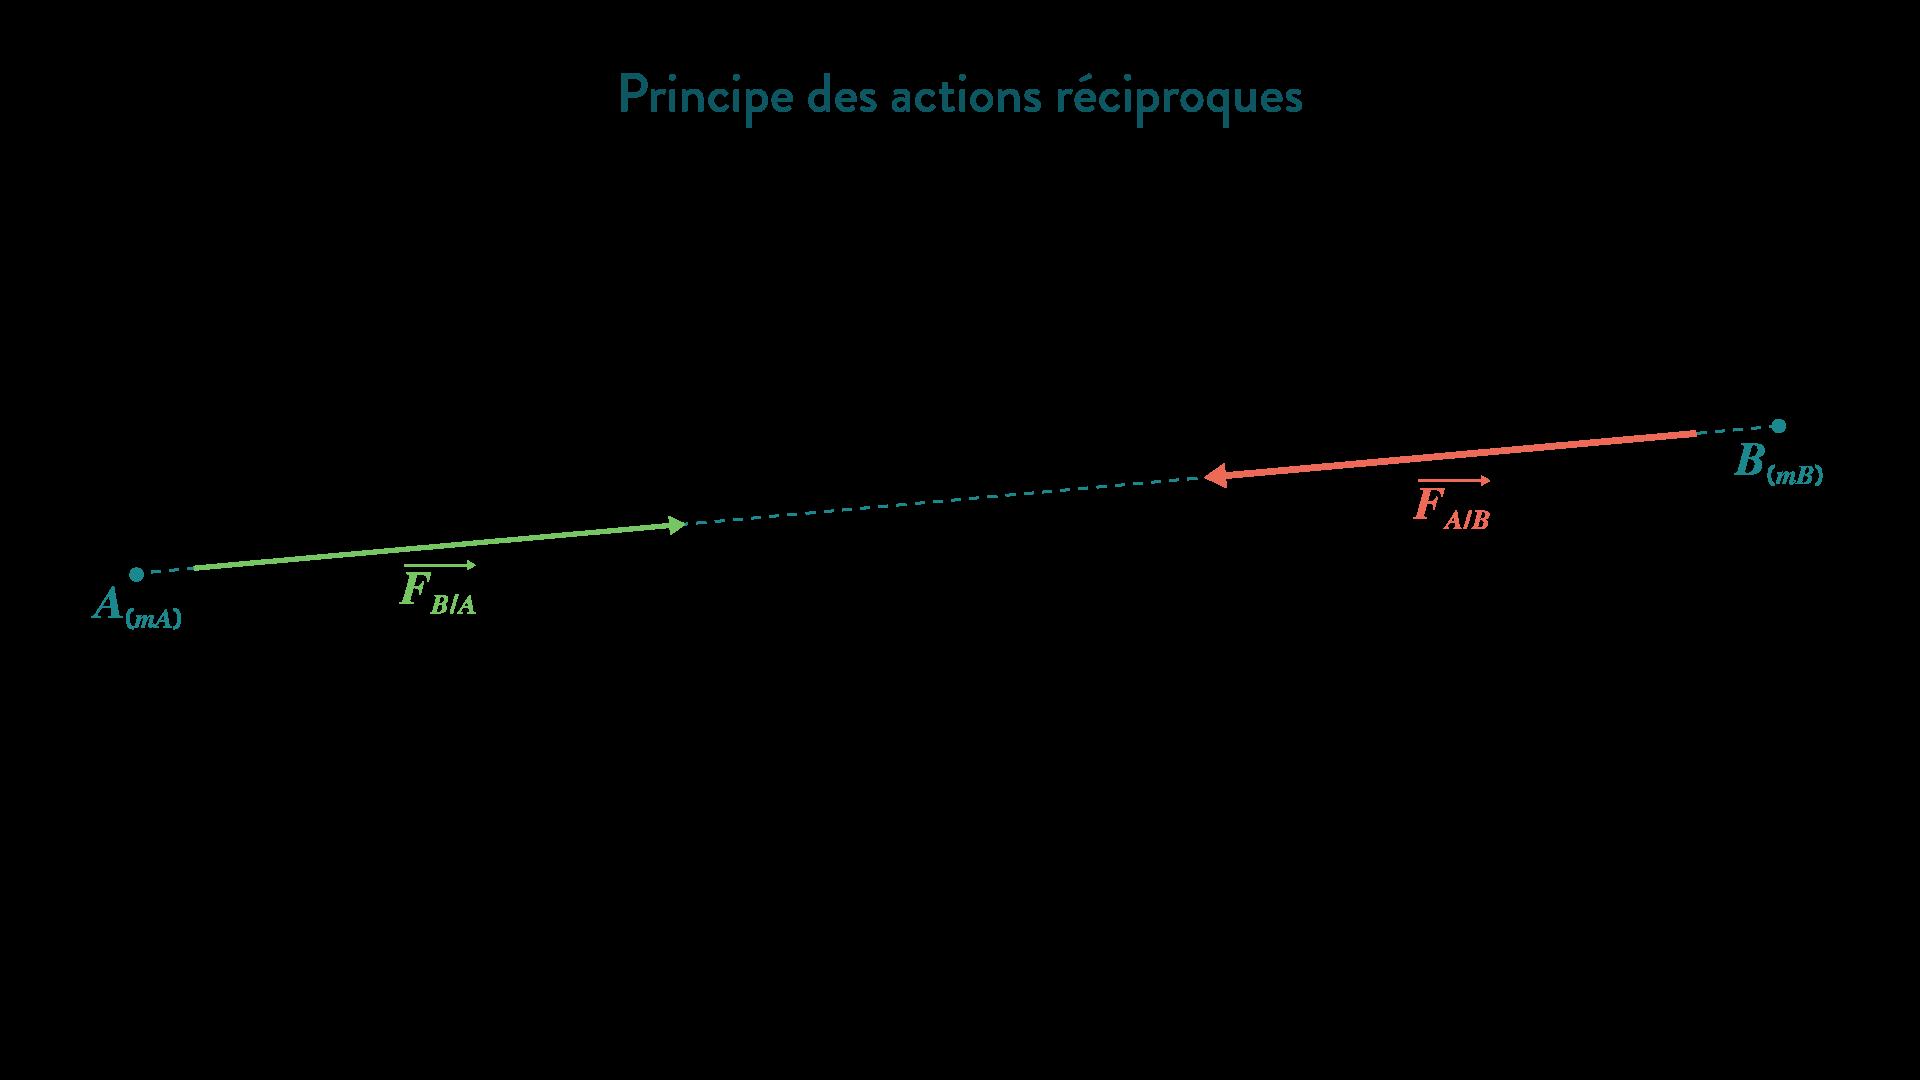 Le principe des actions réciproques